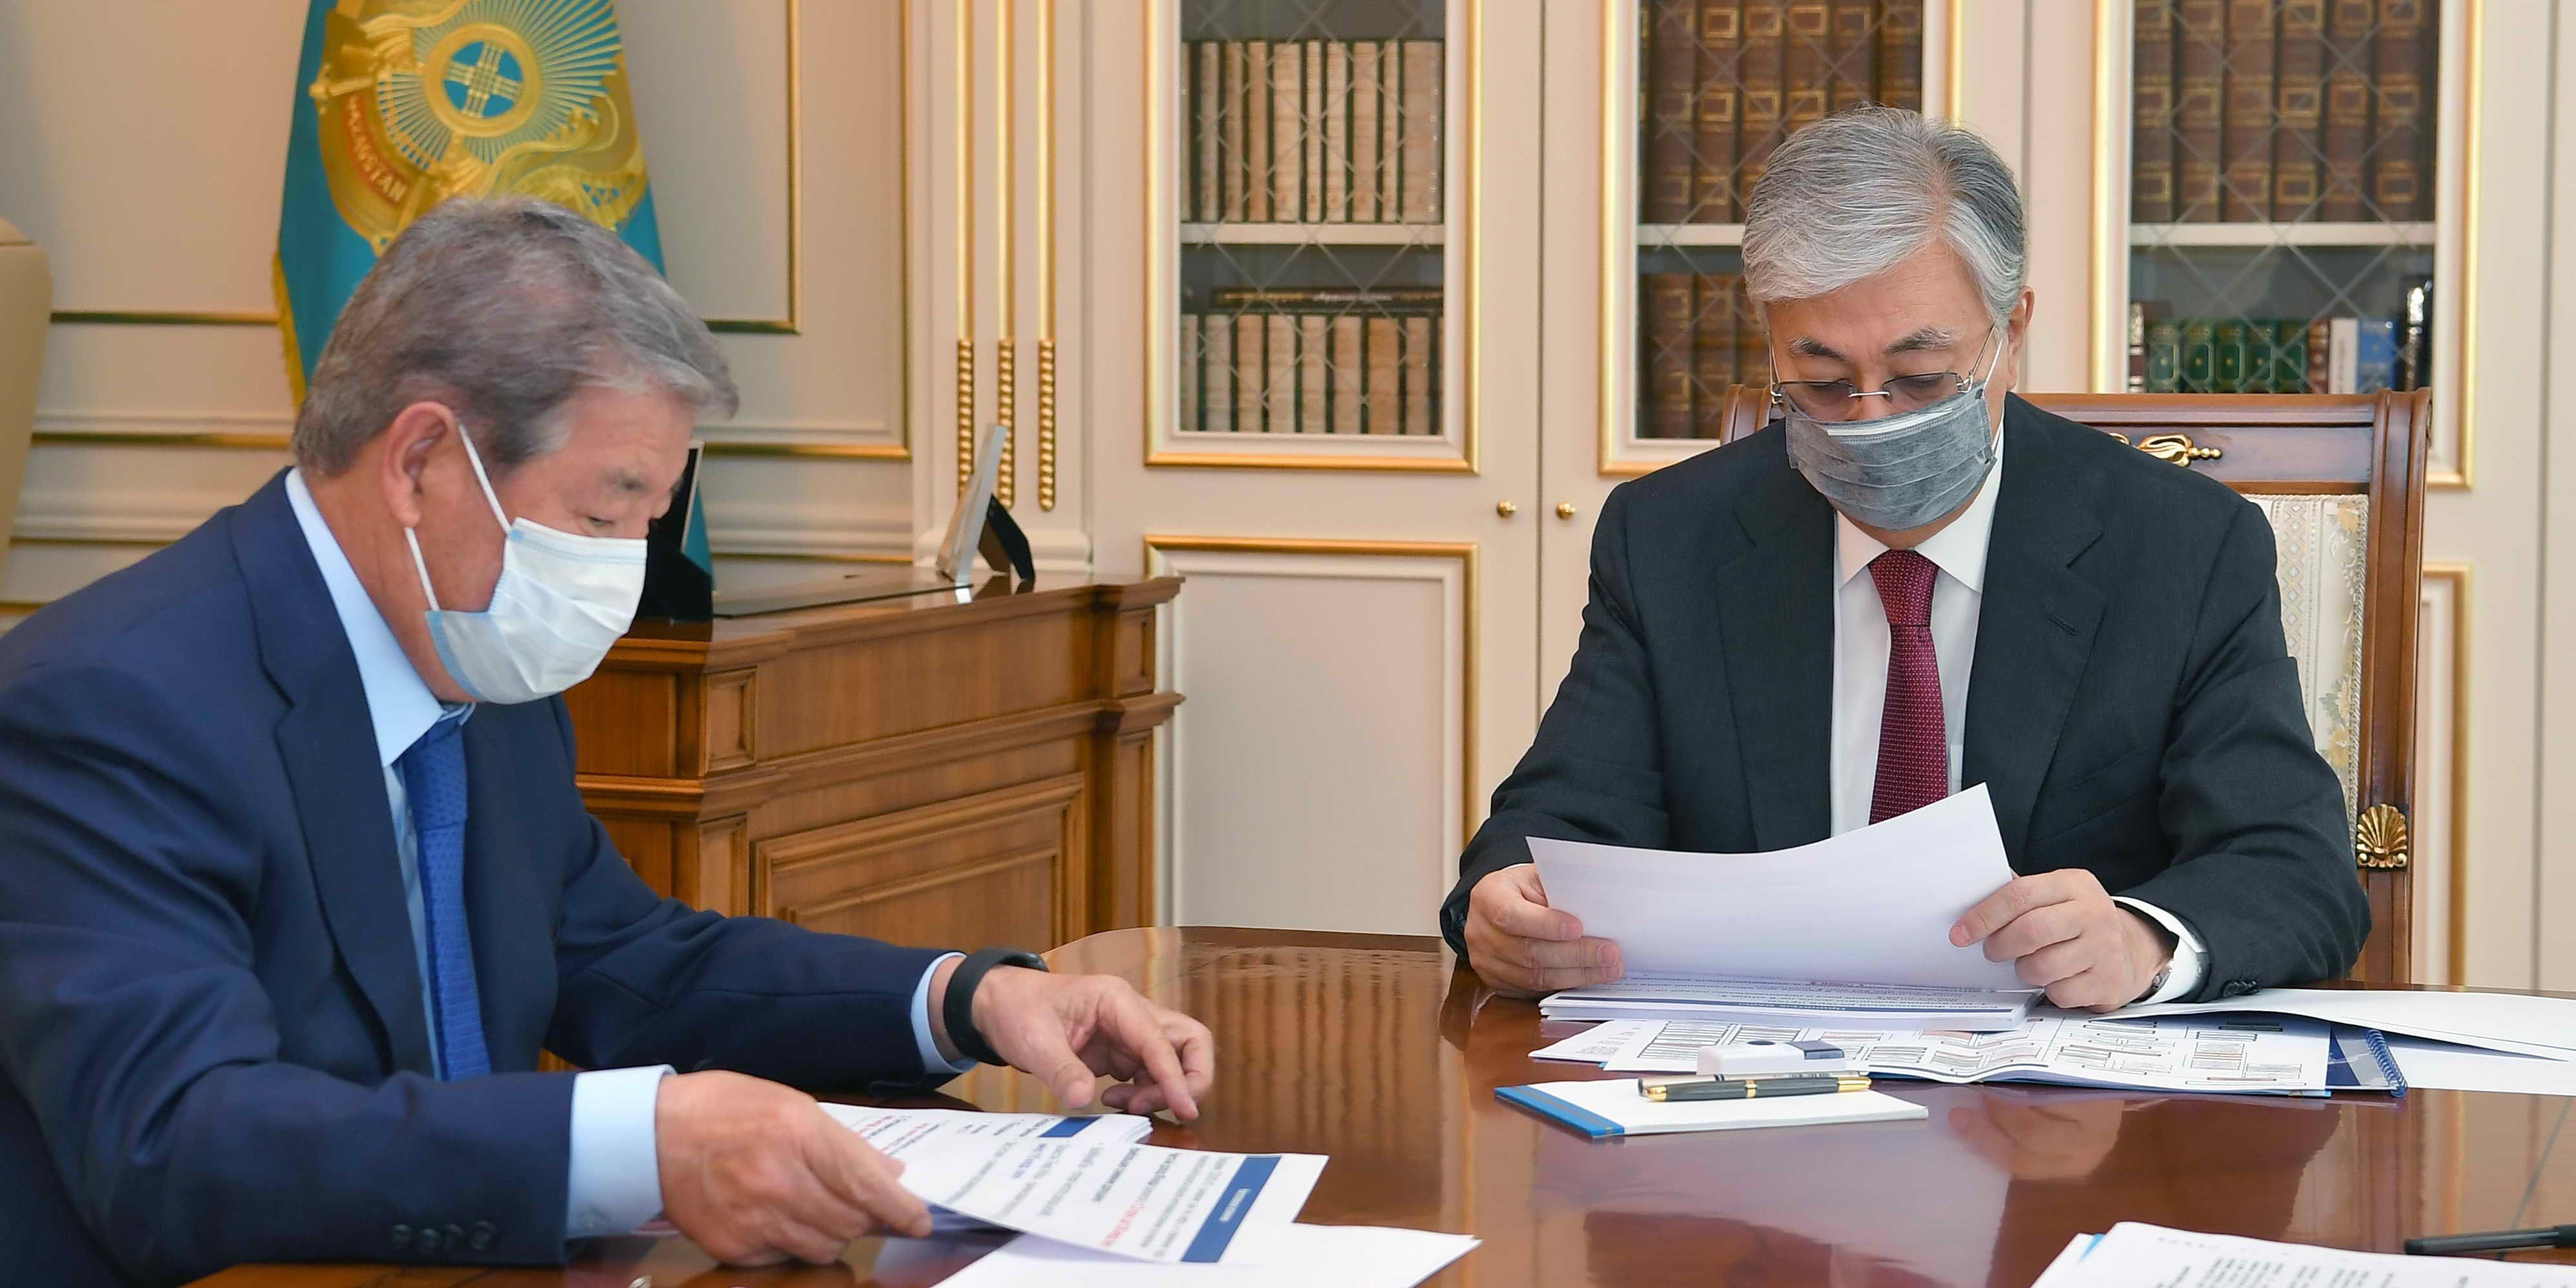 Внешний долг «Самрук-Қазына» сократился на $8 млрд- Kapital.kz